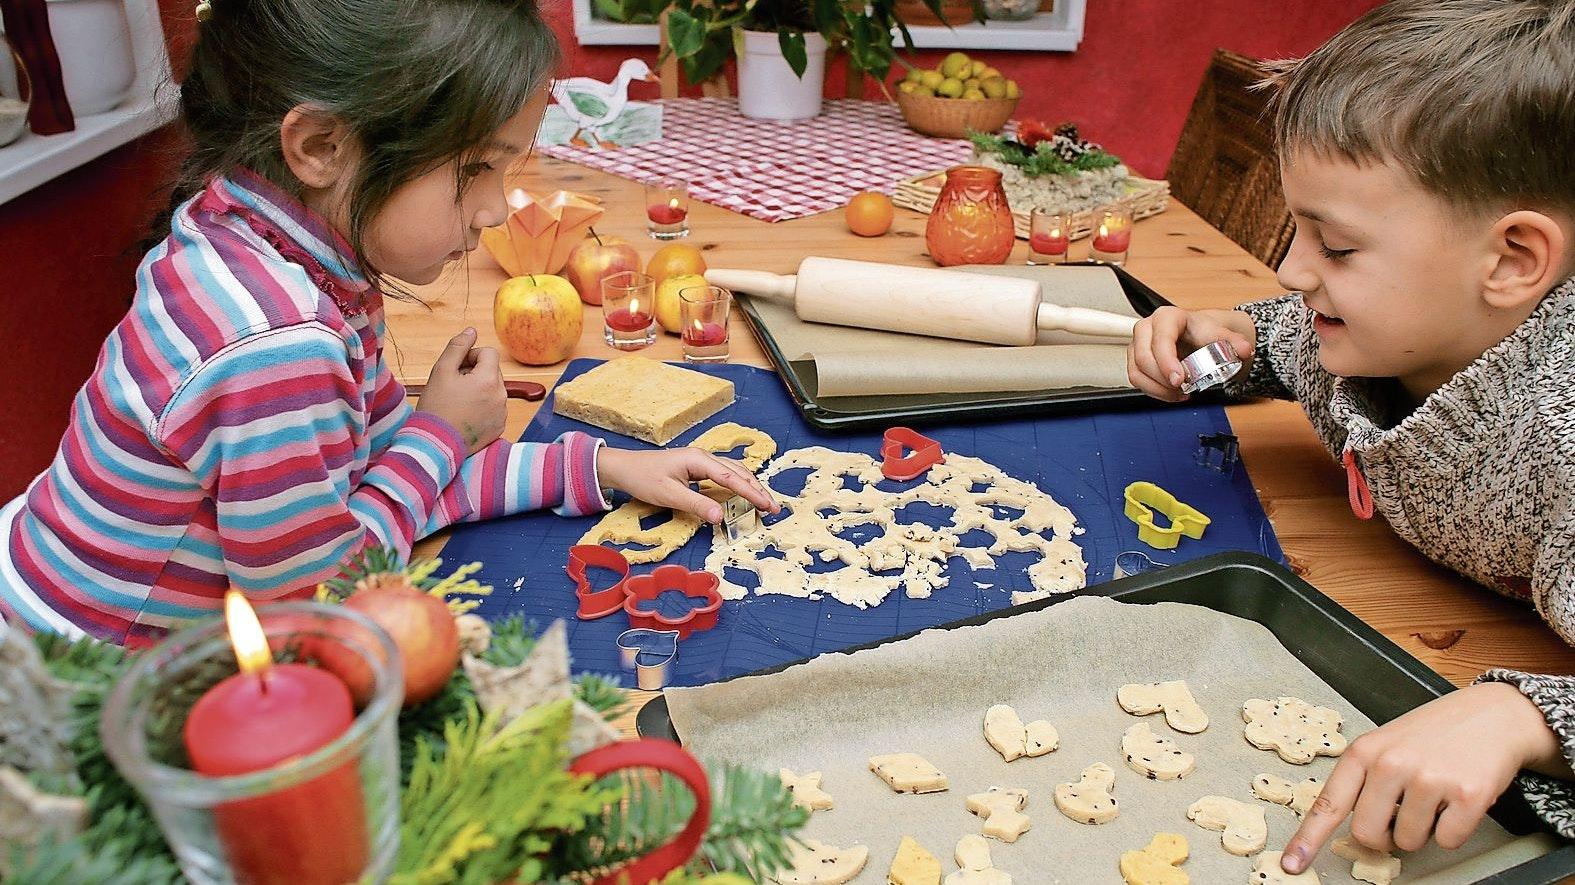 Weihnachtsmotive: Die MT sucht Leserfotos zu den Feiertagen.Foto: picture alliance/dpa/Patrick Pleul